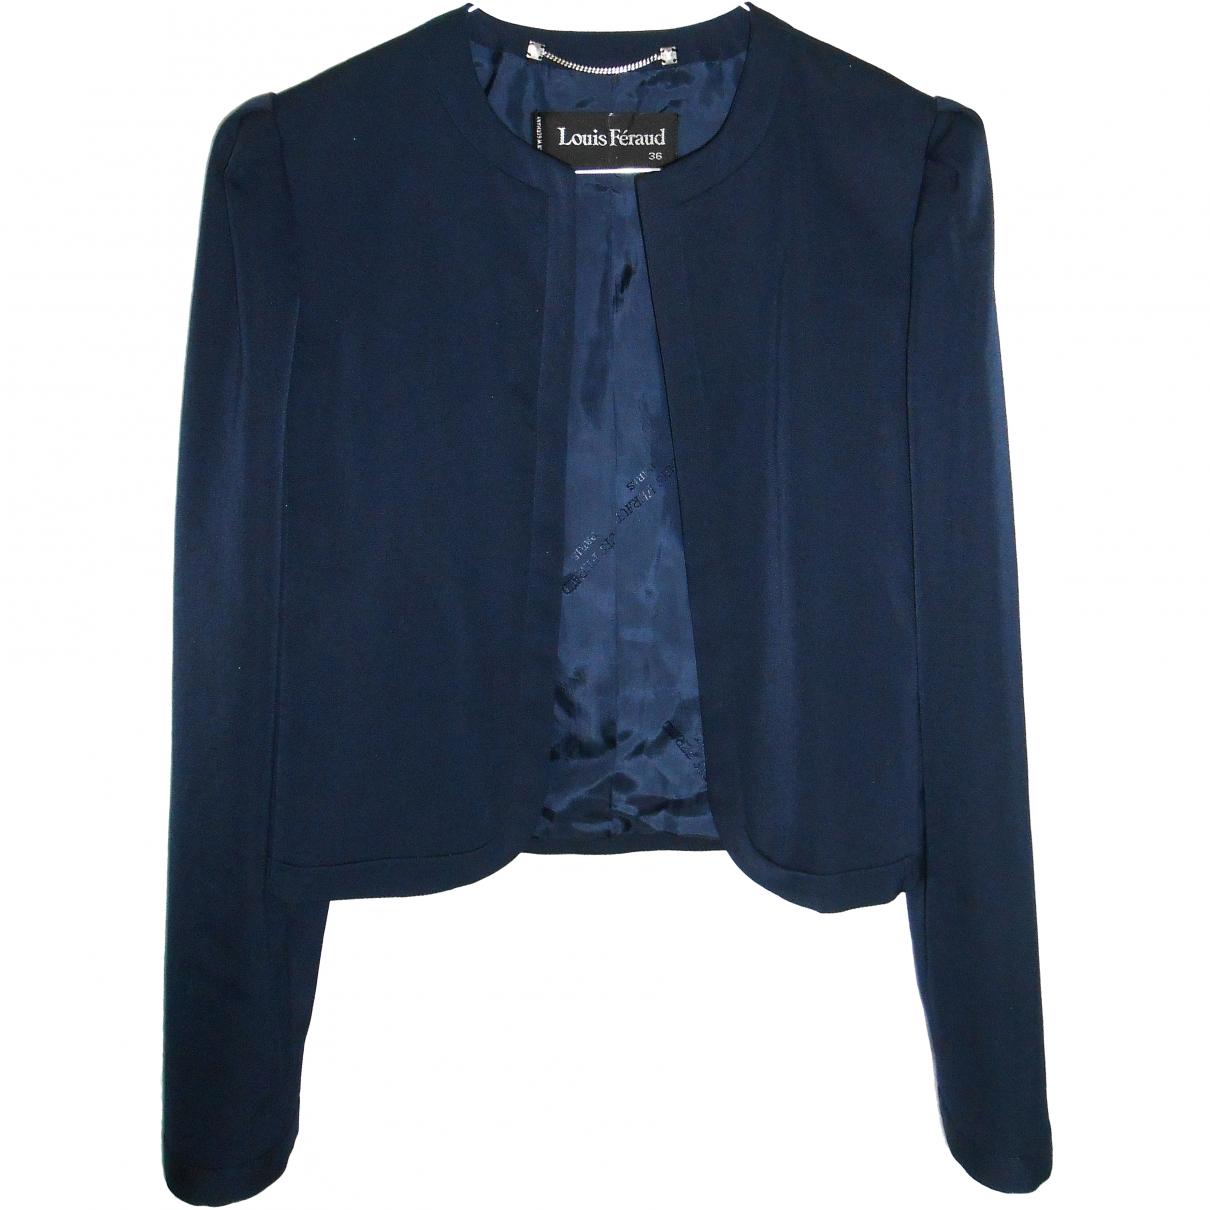 Louis Feraud \N Navy jacket for Women 36 FR